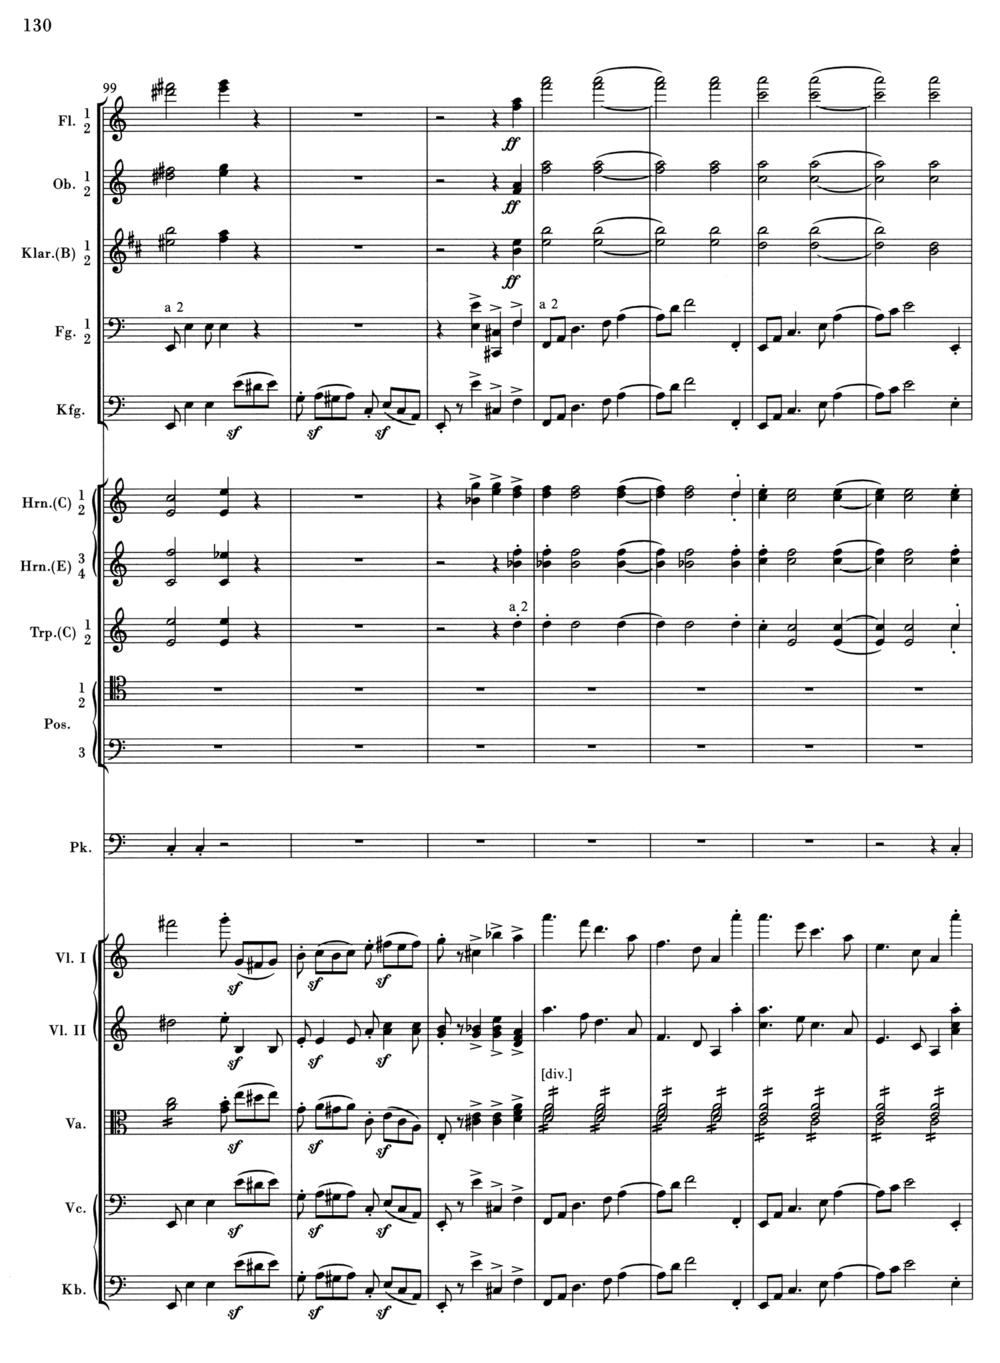 Brahms 1 Mvt 4 Score 2.jpg